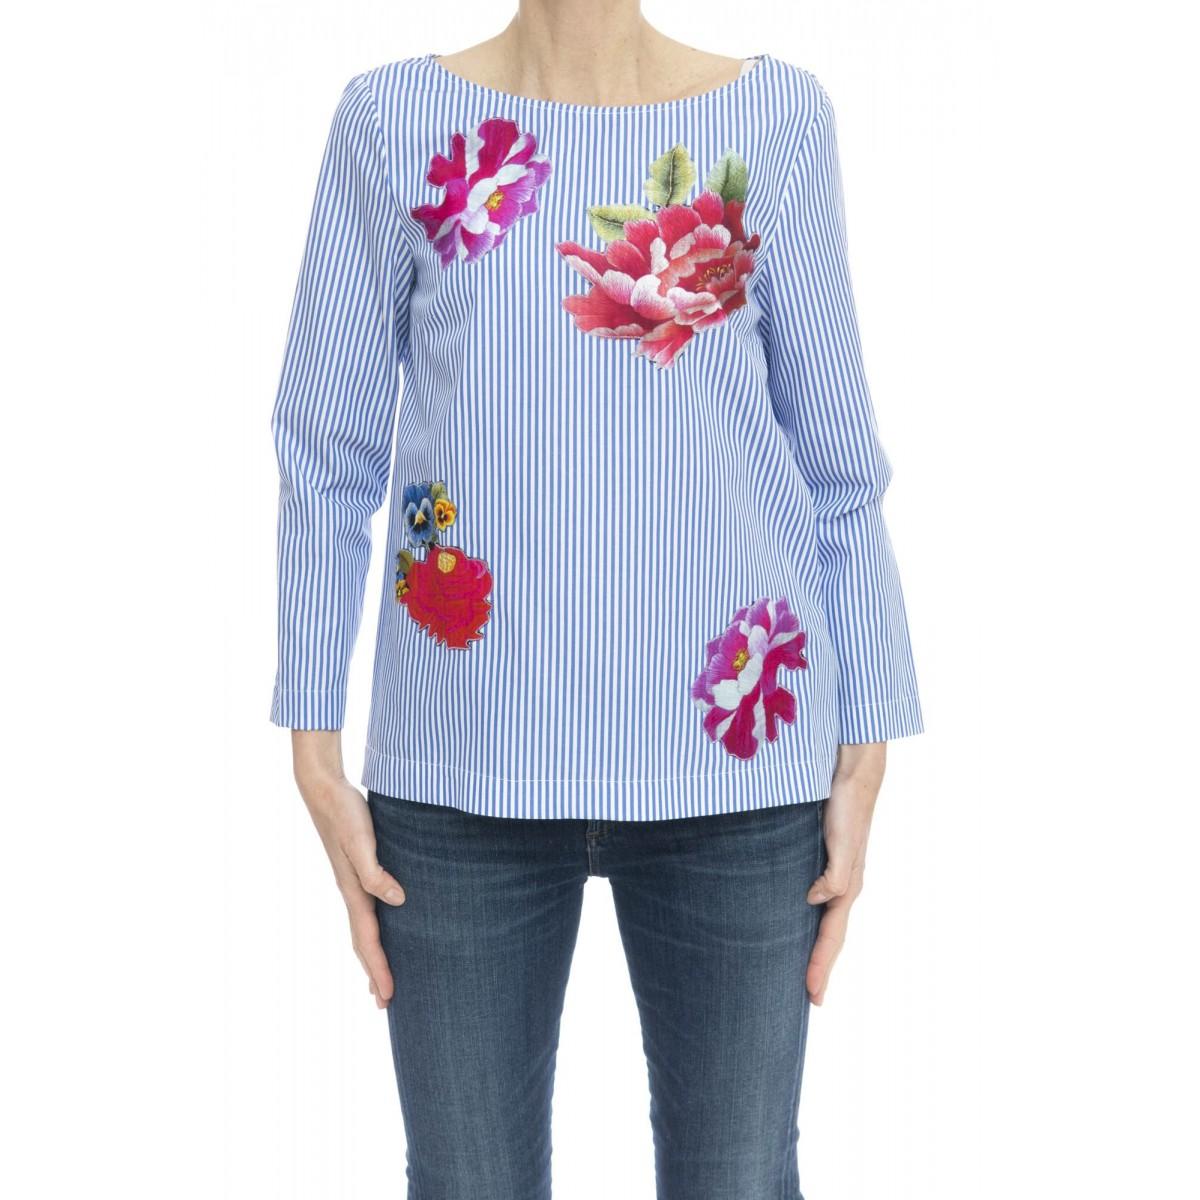 Camicia donna - 2042 camicia rigata con stampa